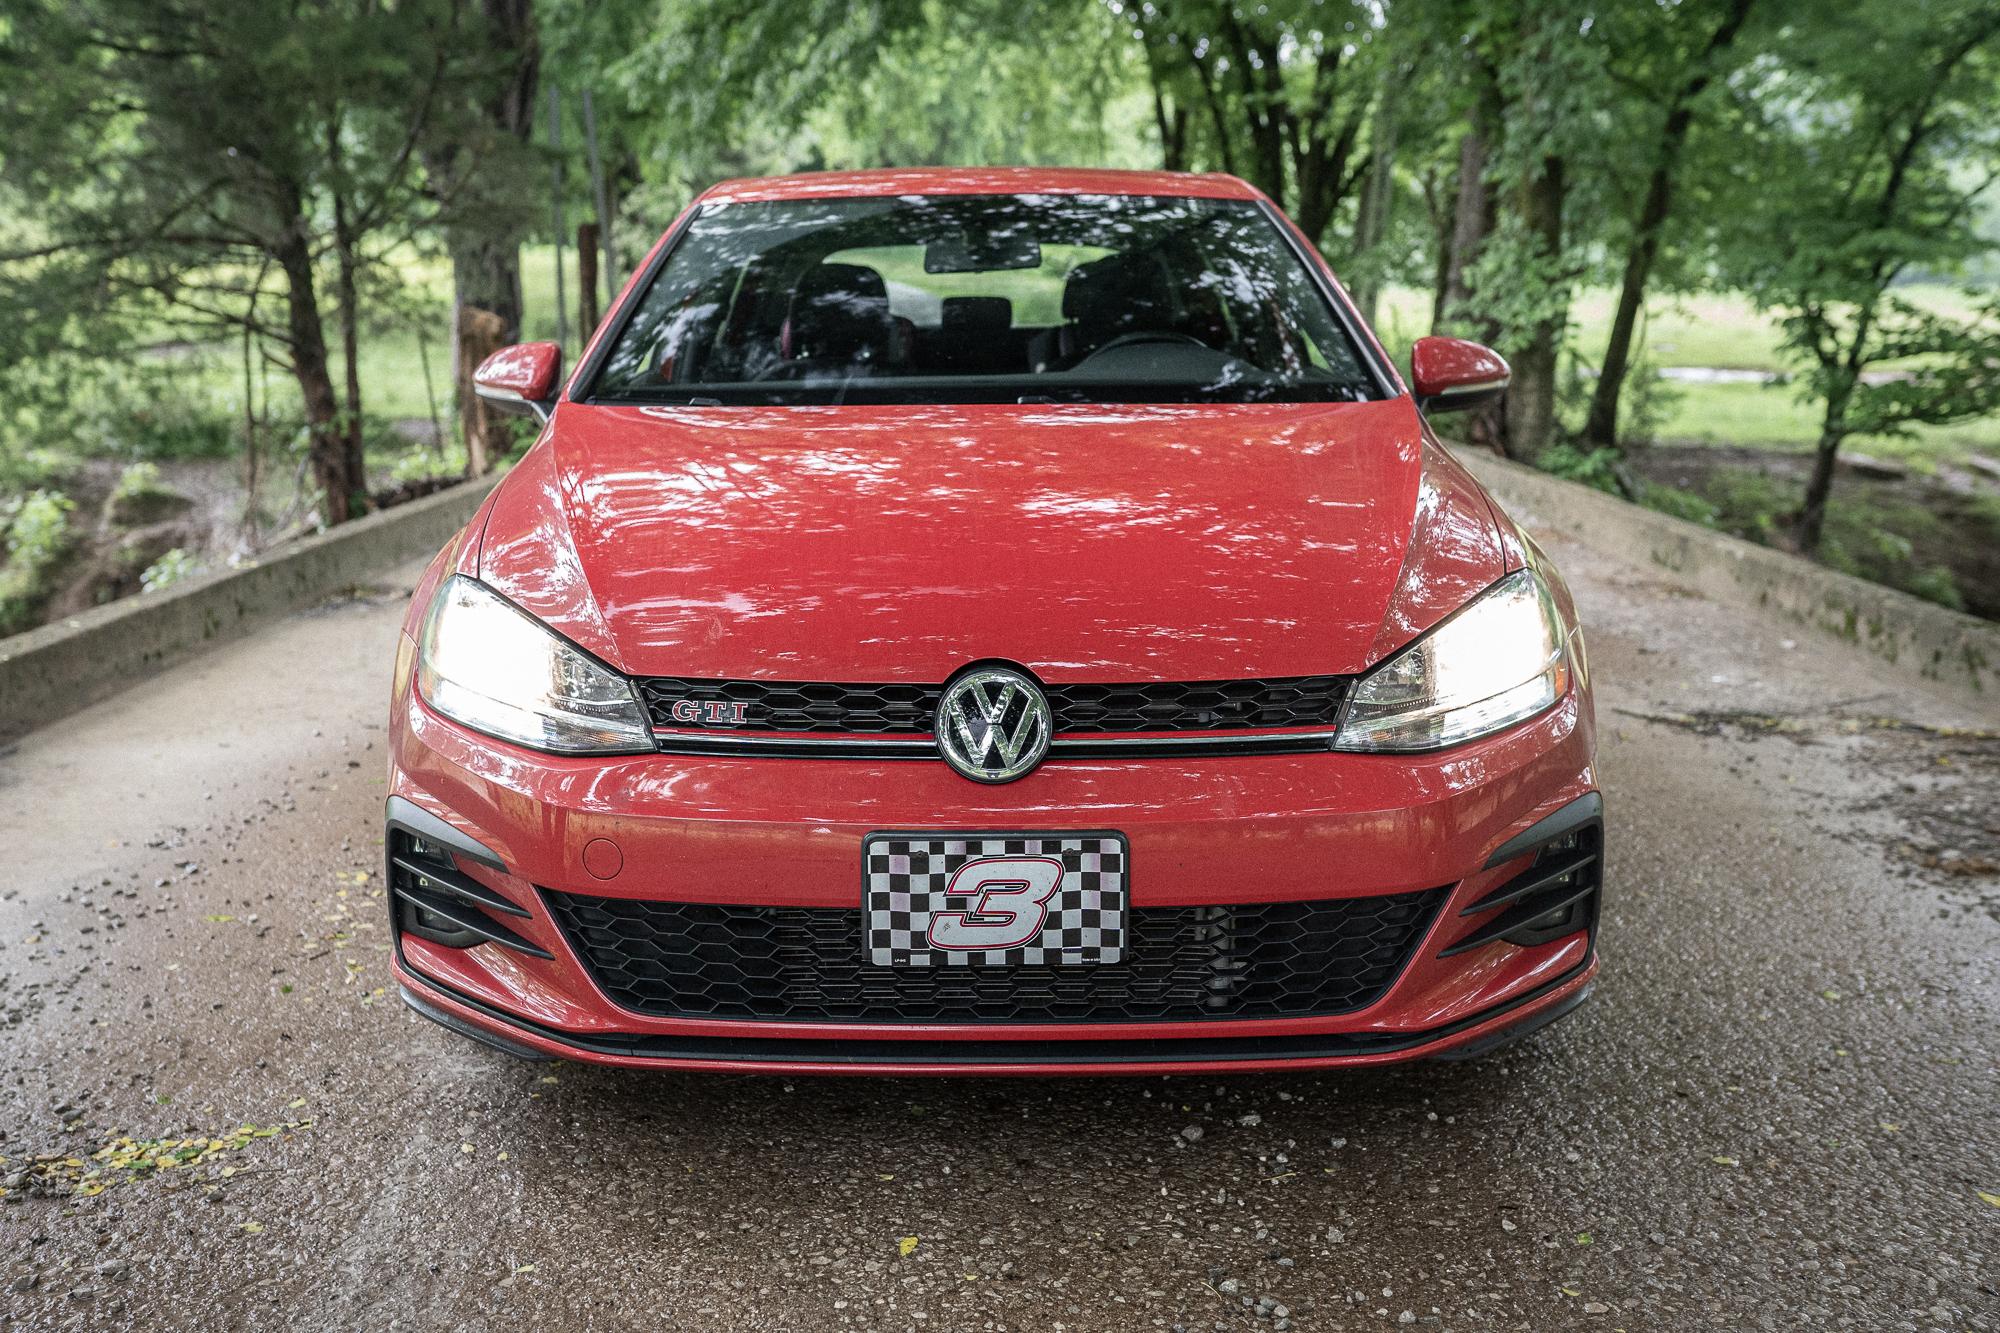 VW GTI front